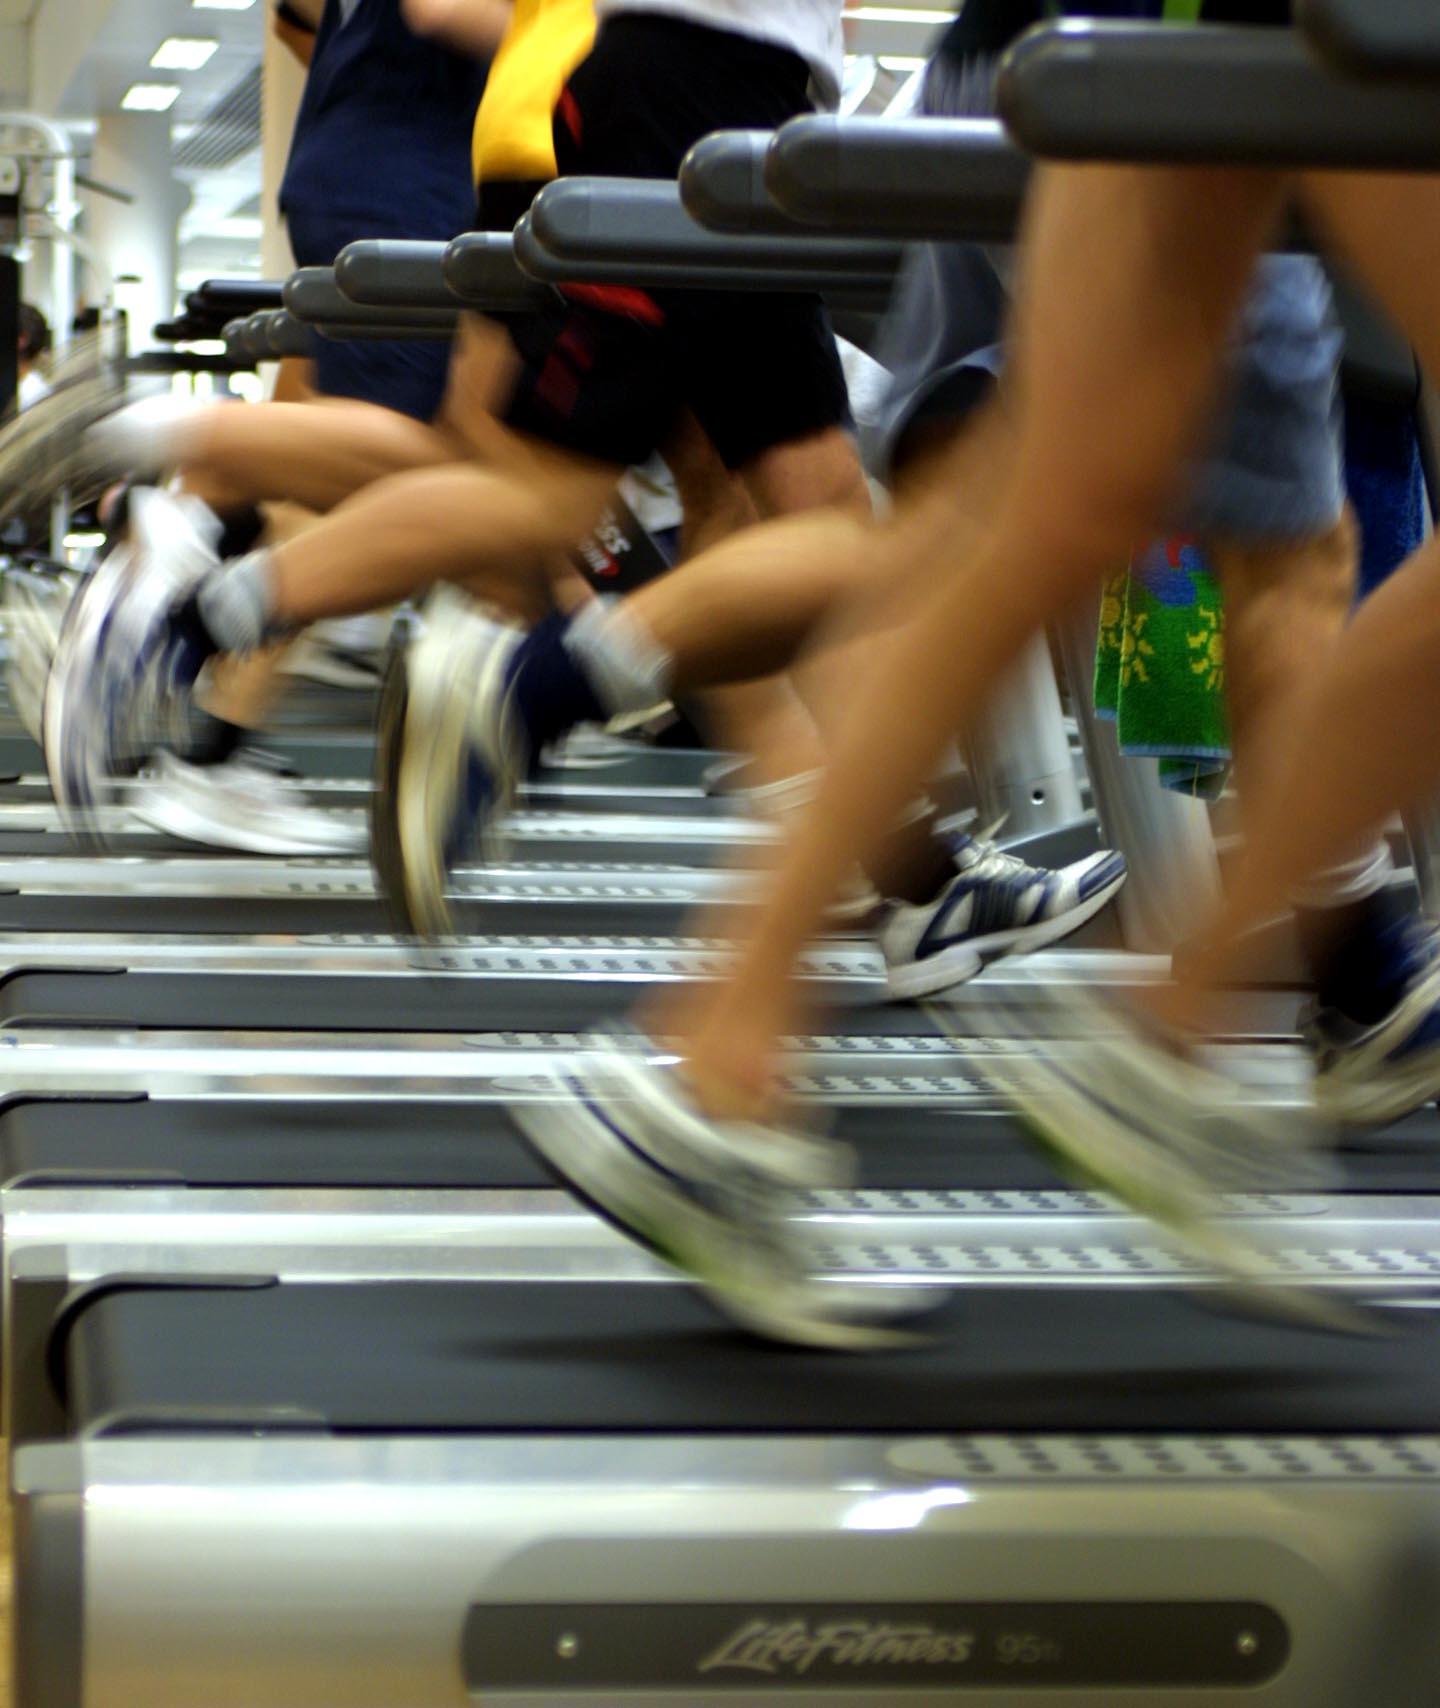 A futópad használat jótékony hatásai